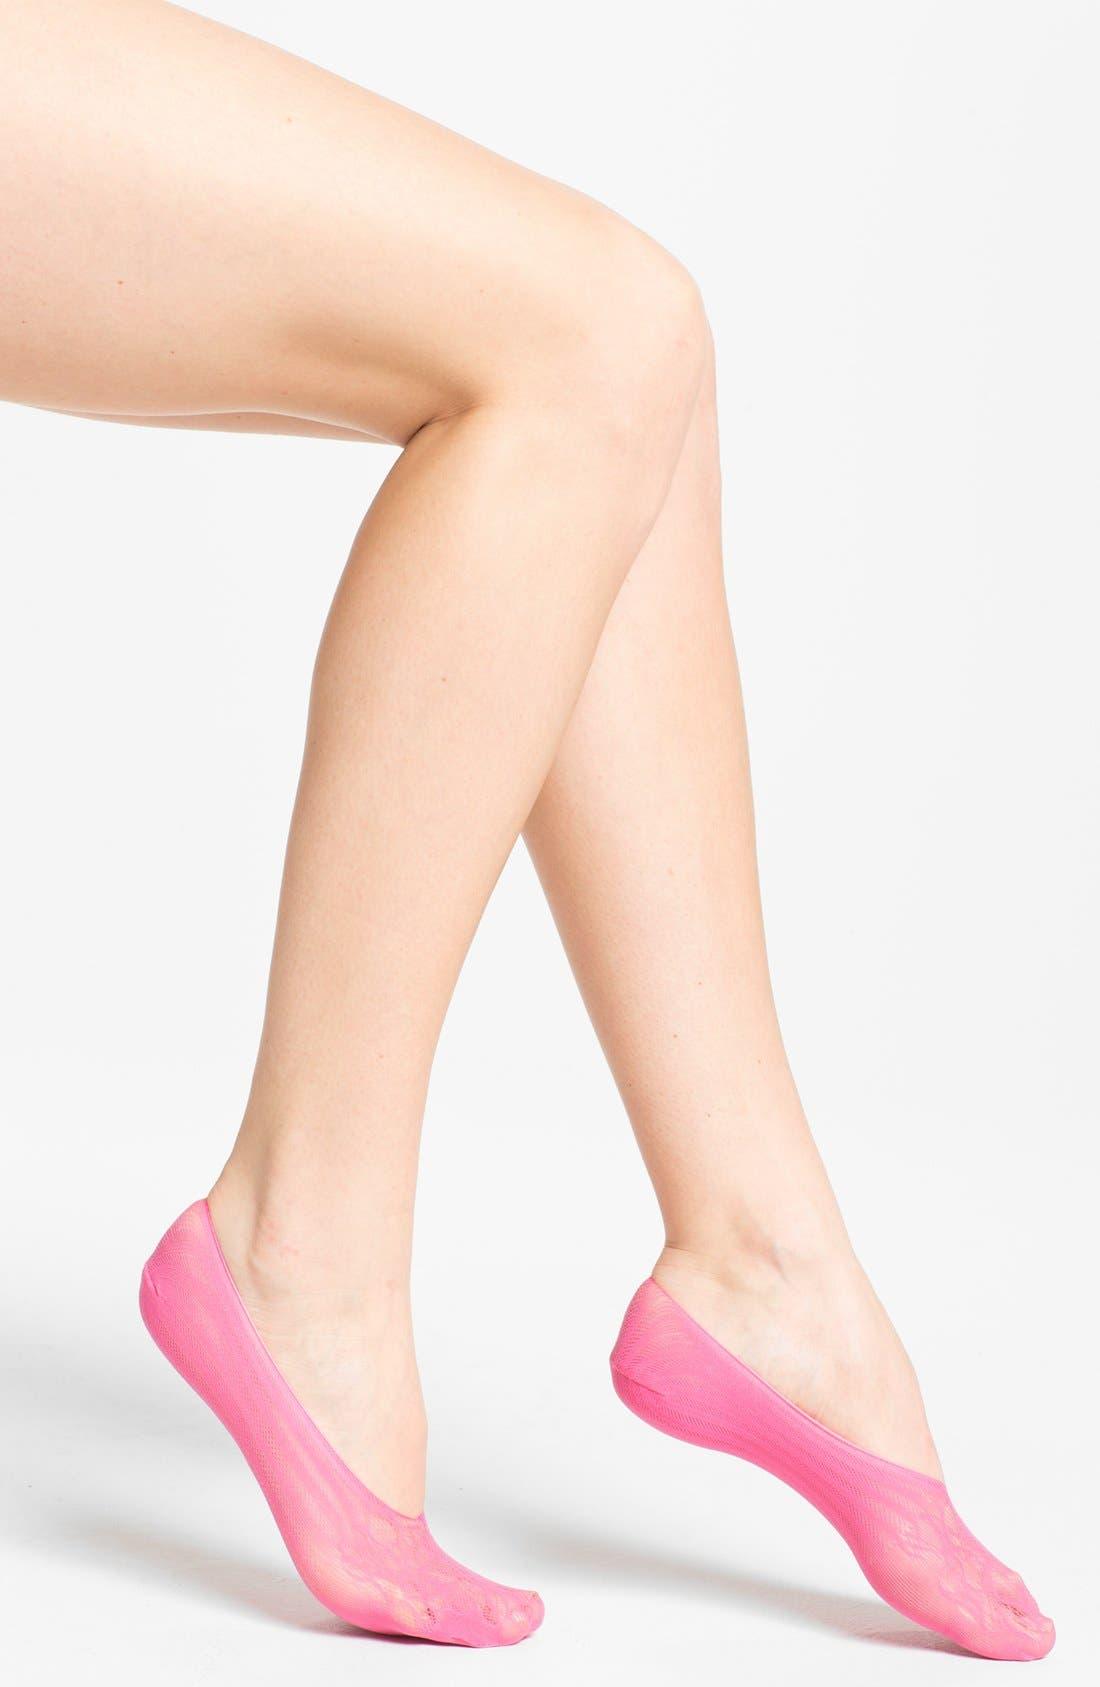 Main Image - Nordstrom 'Rosie Toes' Footies